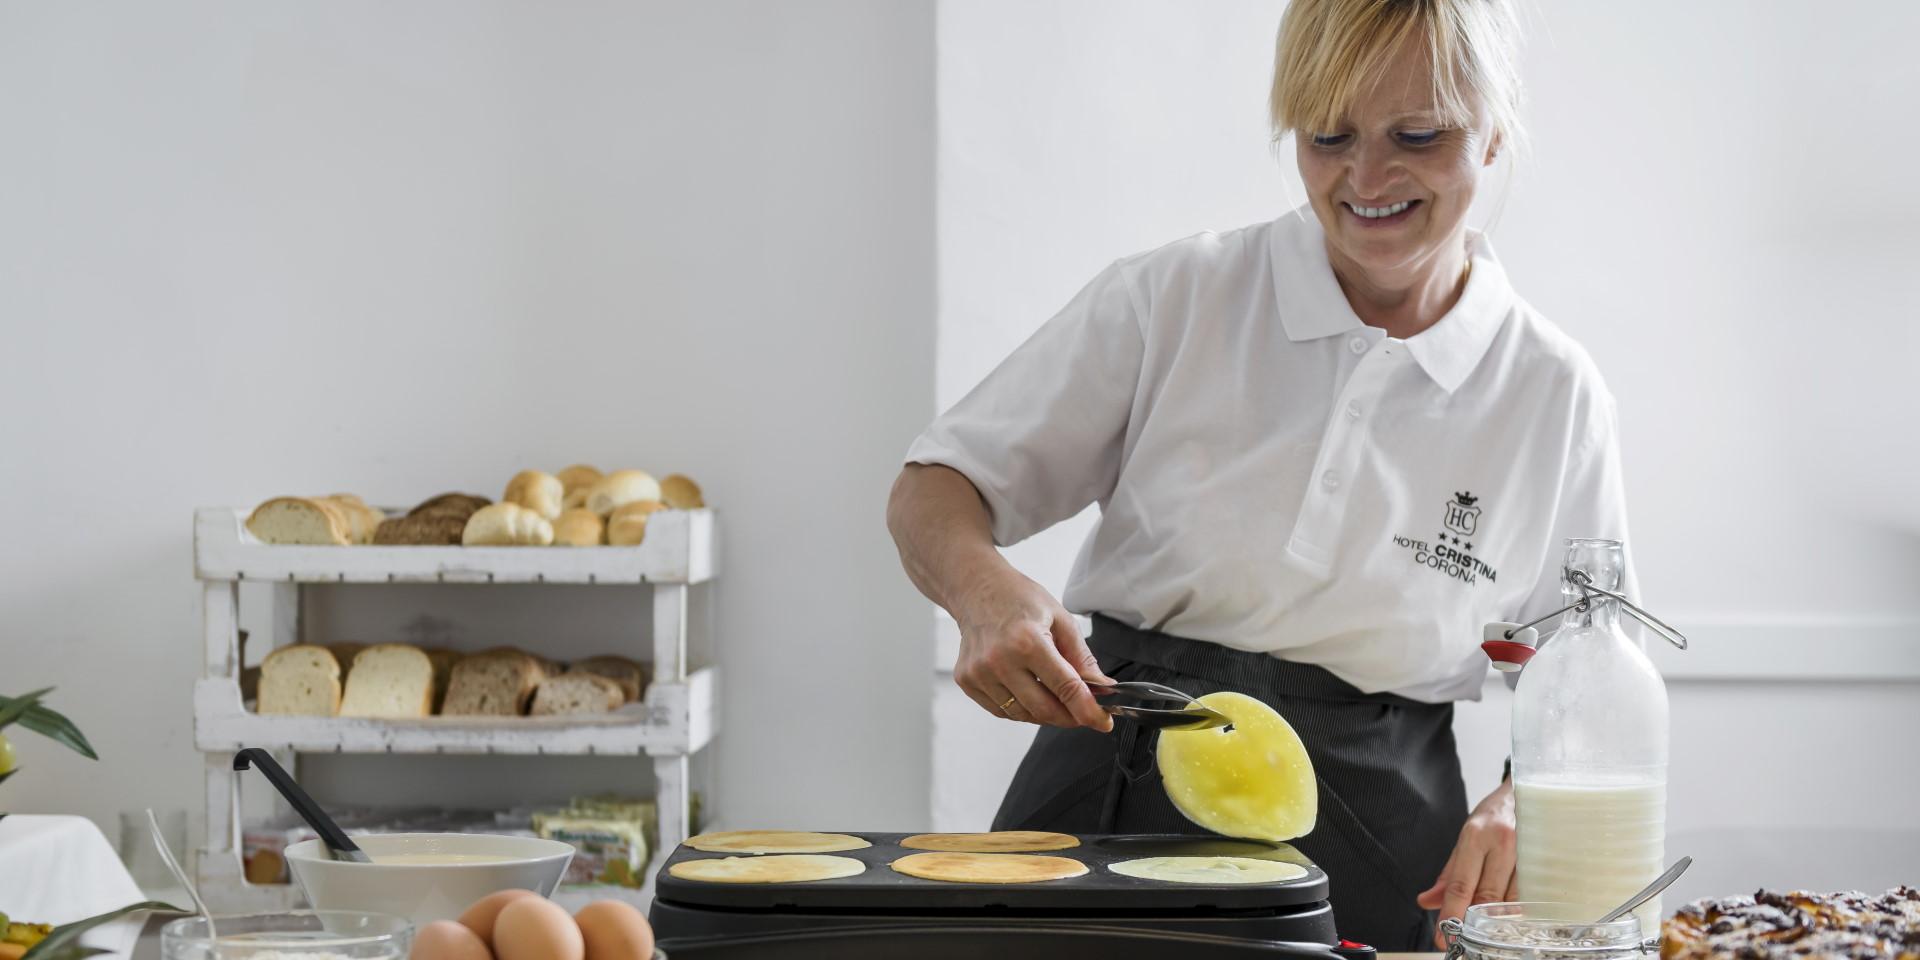 cristina-corona-colazione-pancakes-desk